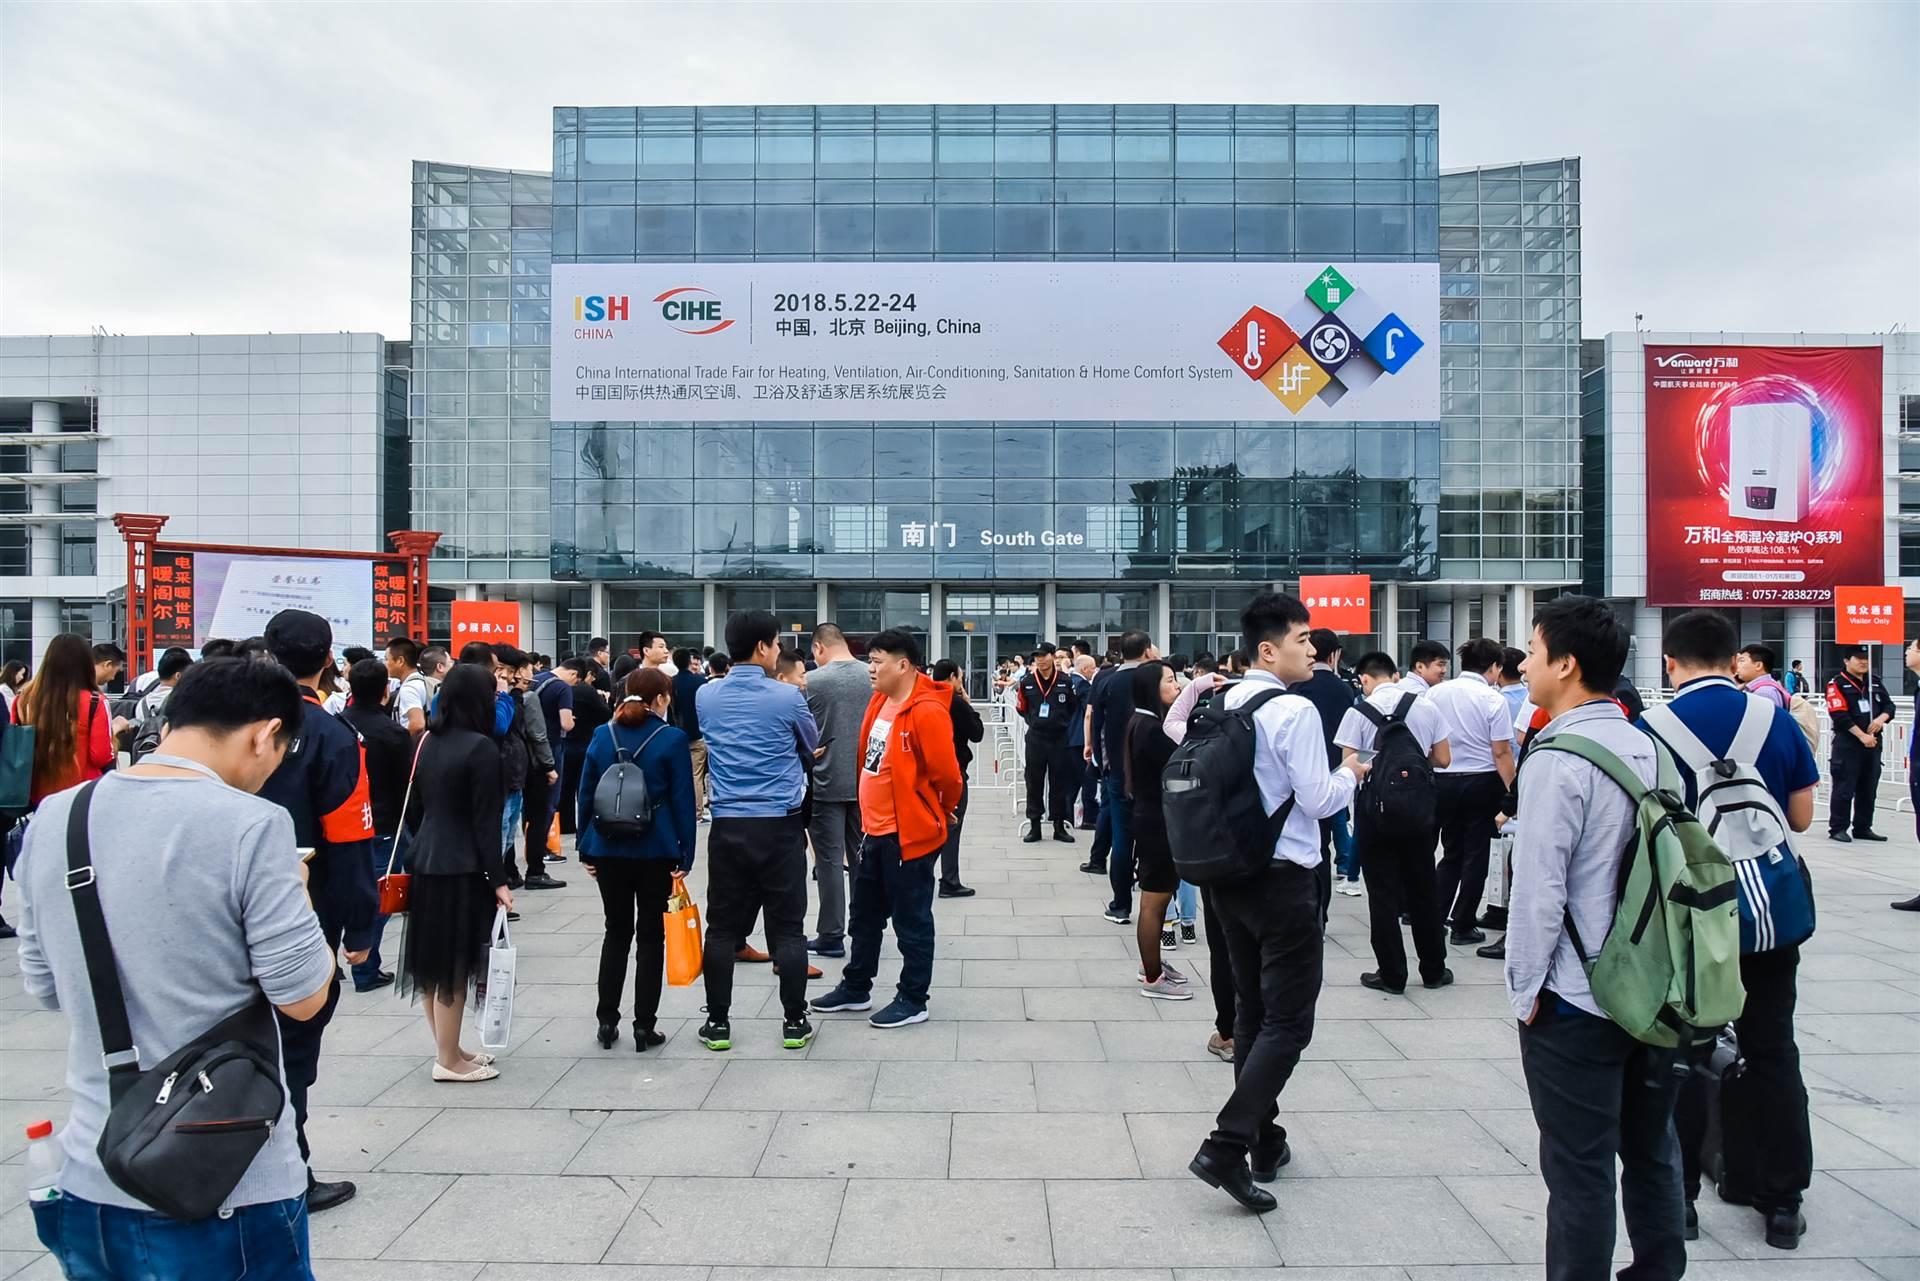 北京供热展2019北京供热展2019中国供热展